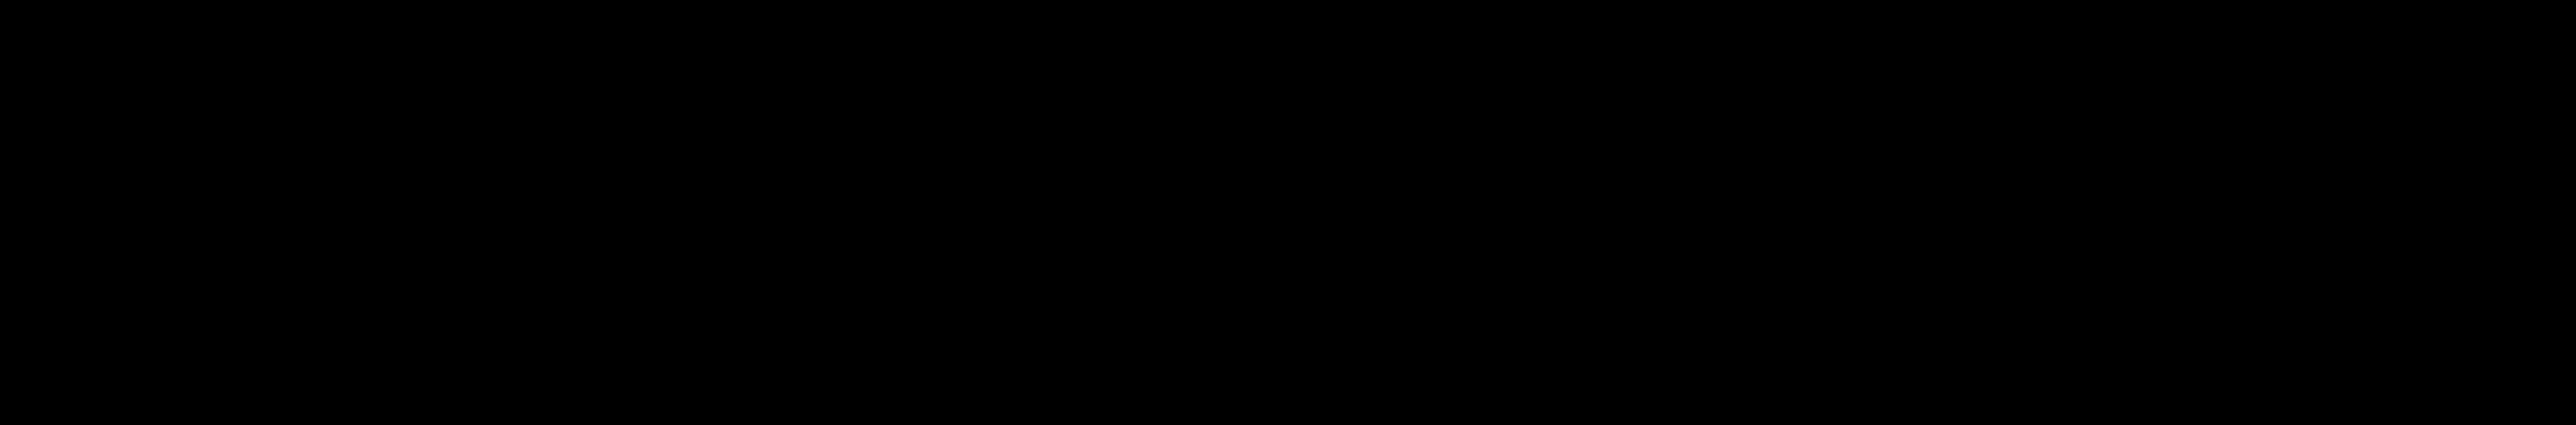 artefacto noir print 01 URBASEE